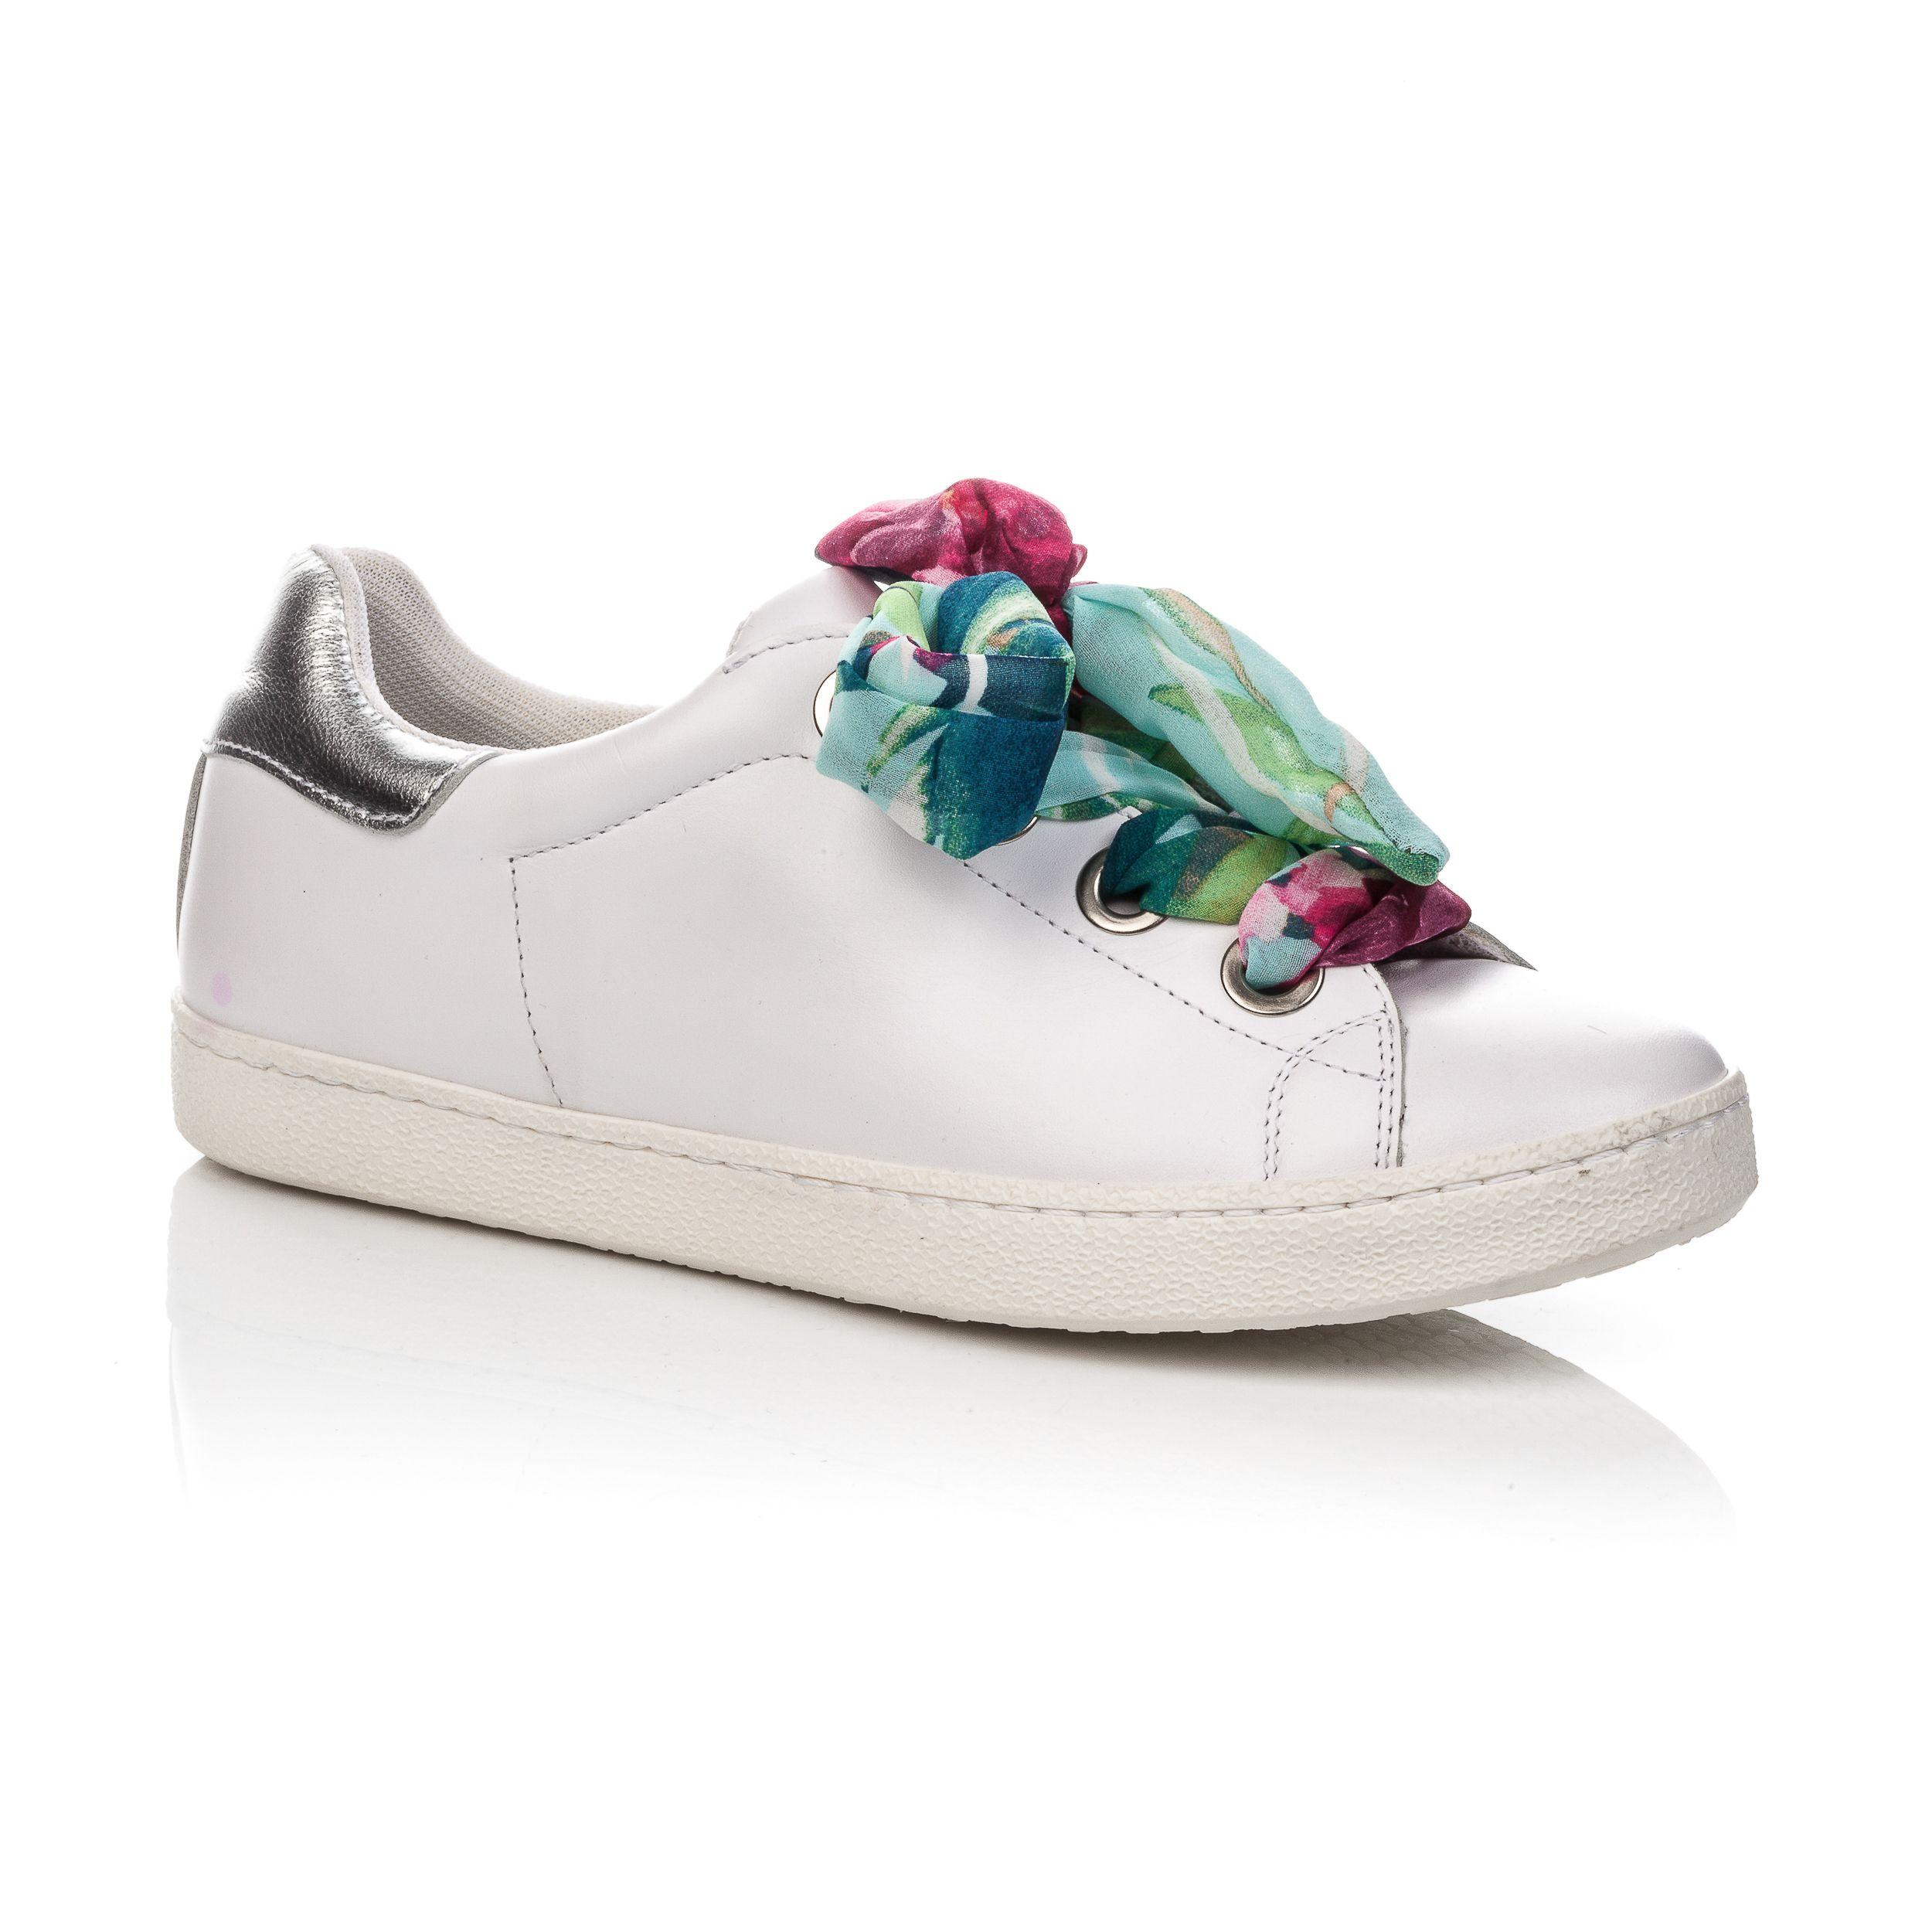 d78e3d1223d9ce Sneakers à lacets foulard. Tendance lacets en satin colorés. Collection  femme Automne Hiver 2018